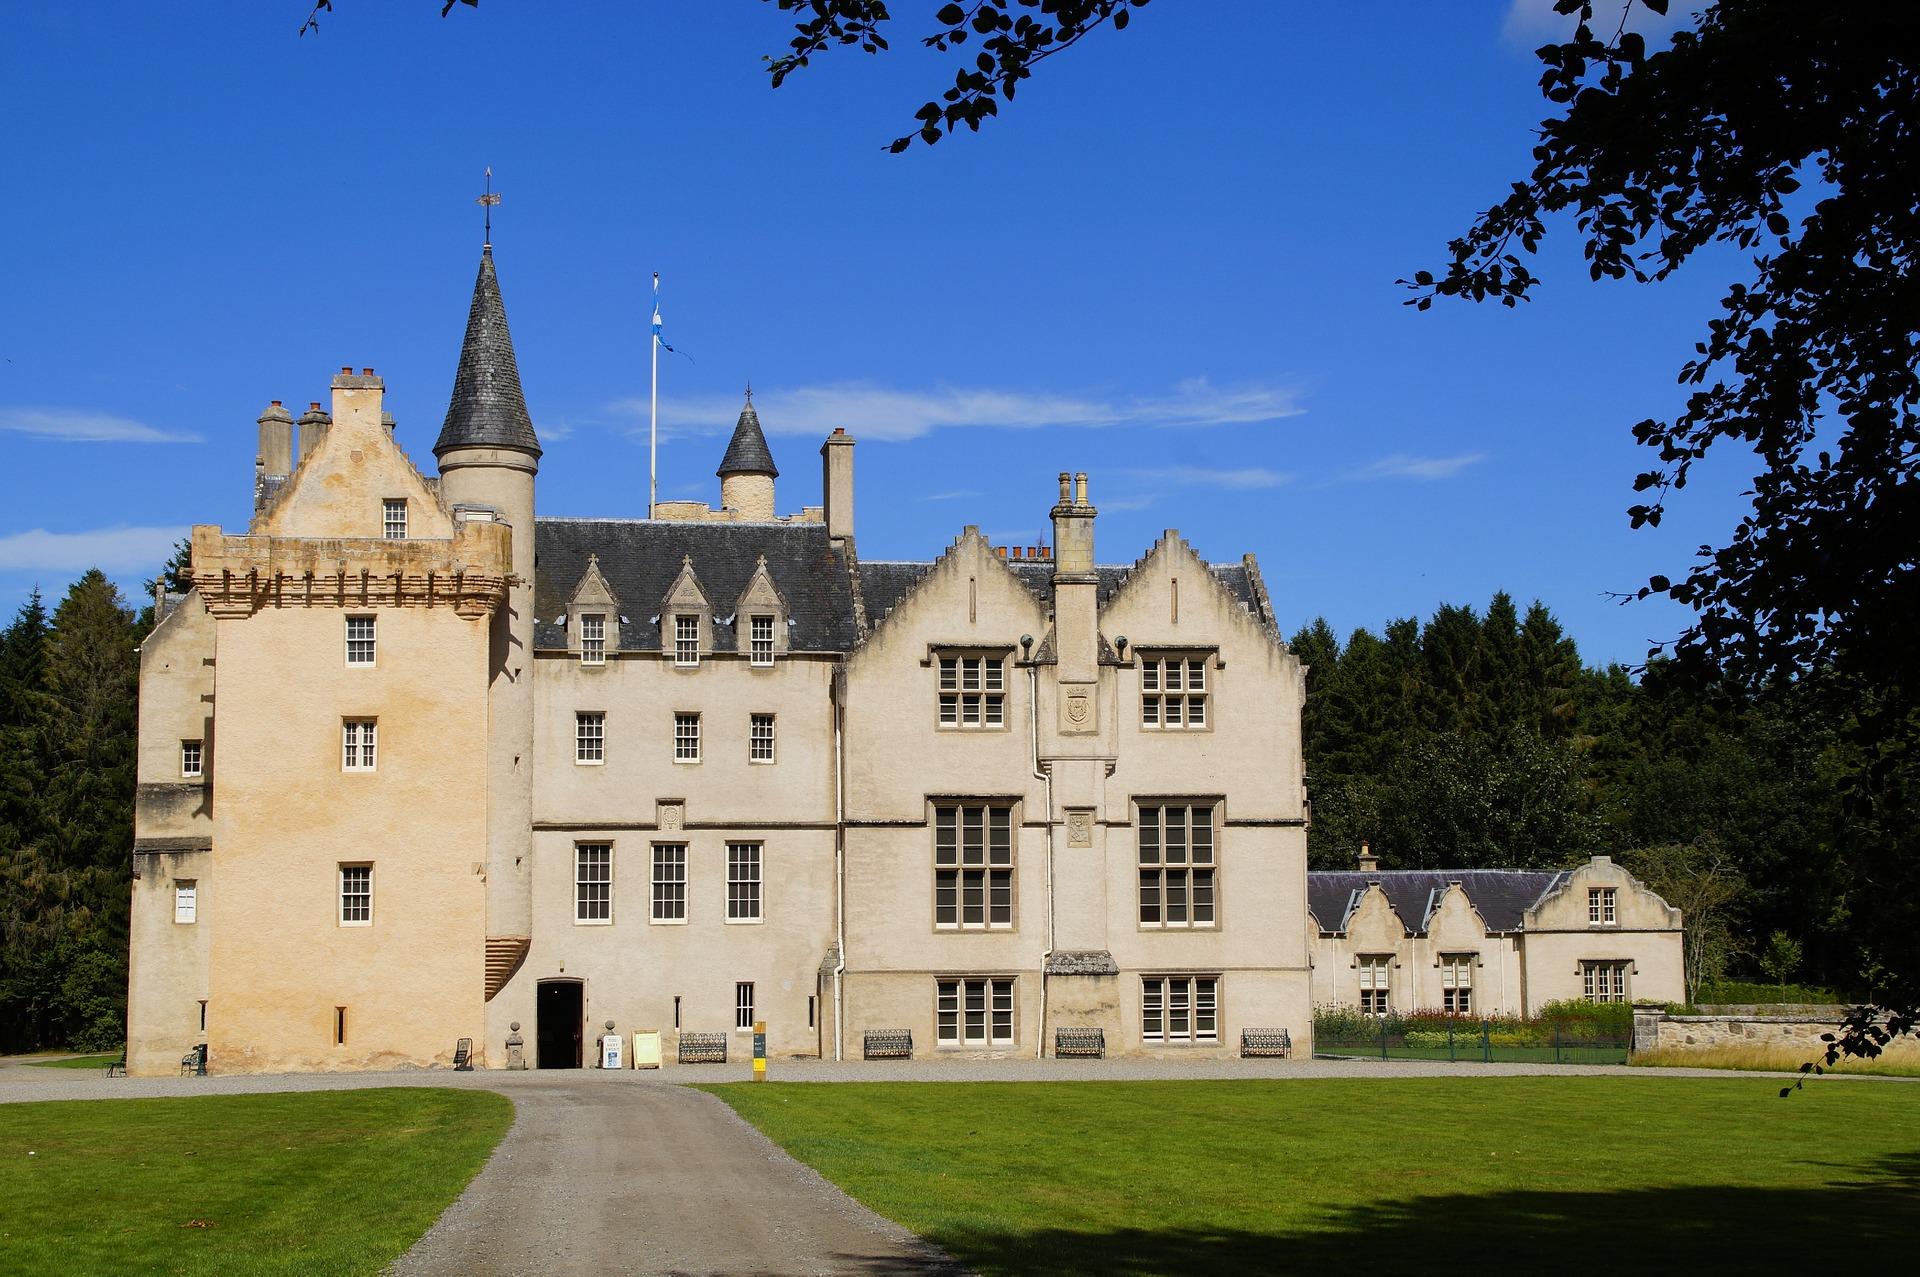 brodie-castle-3738329_1920